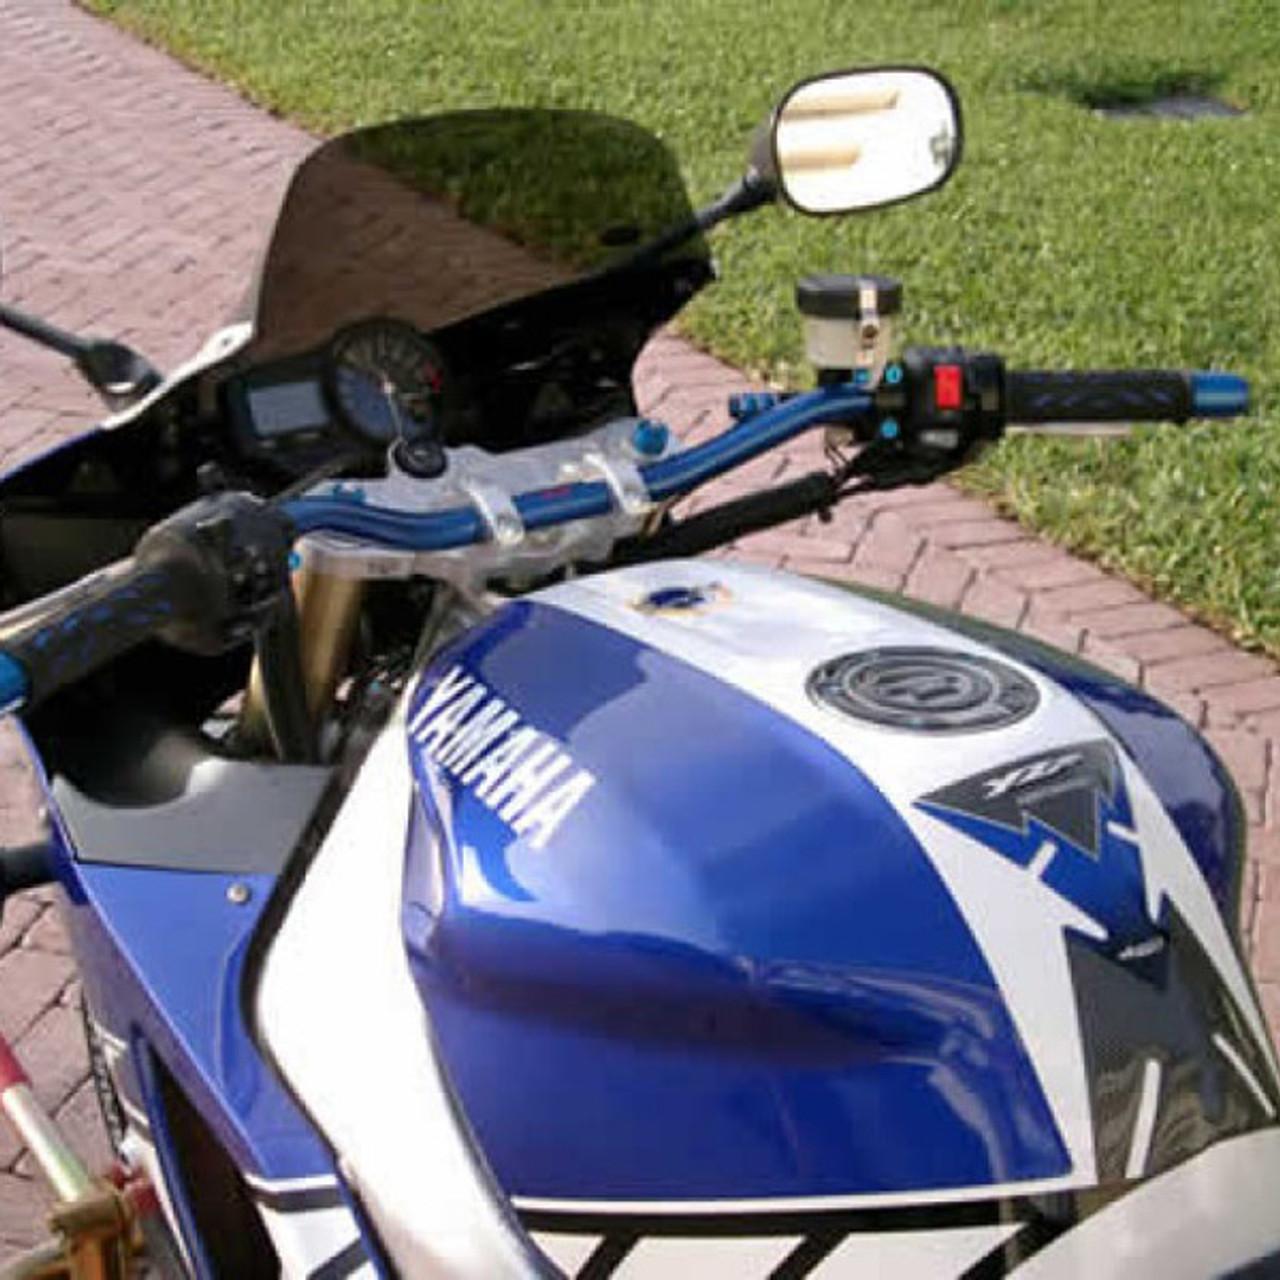 Lsl Yamaha Yzf-r1 2002-03 Handlebar Riser Kit